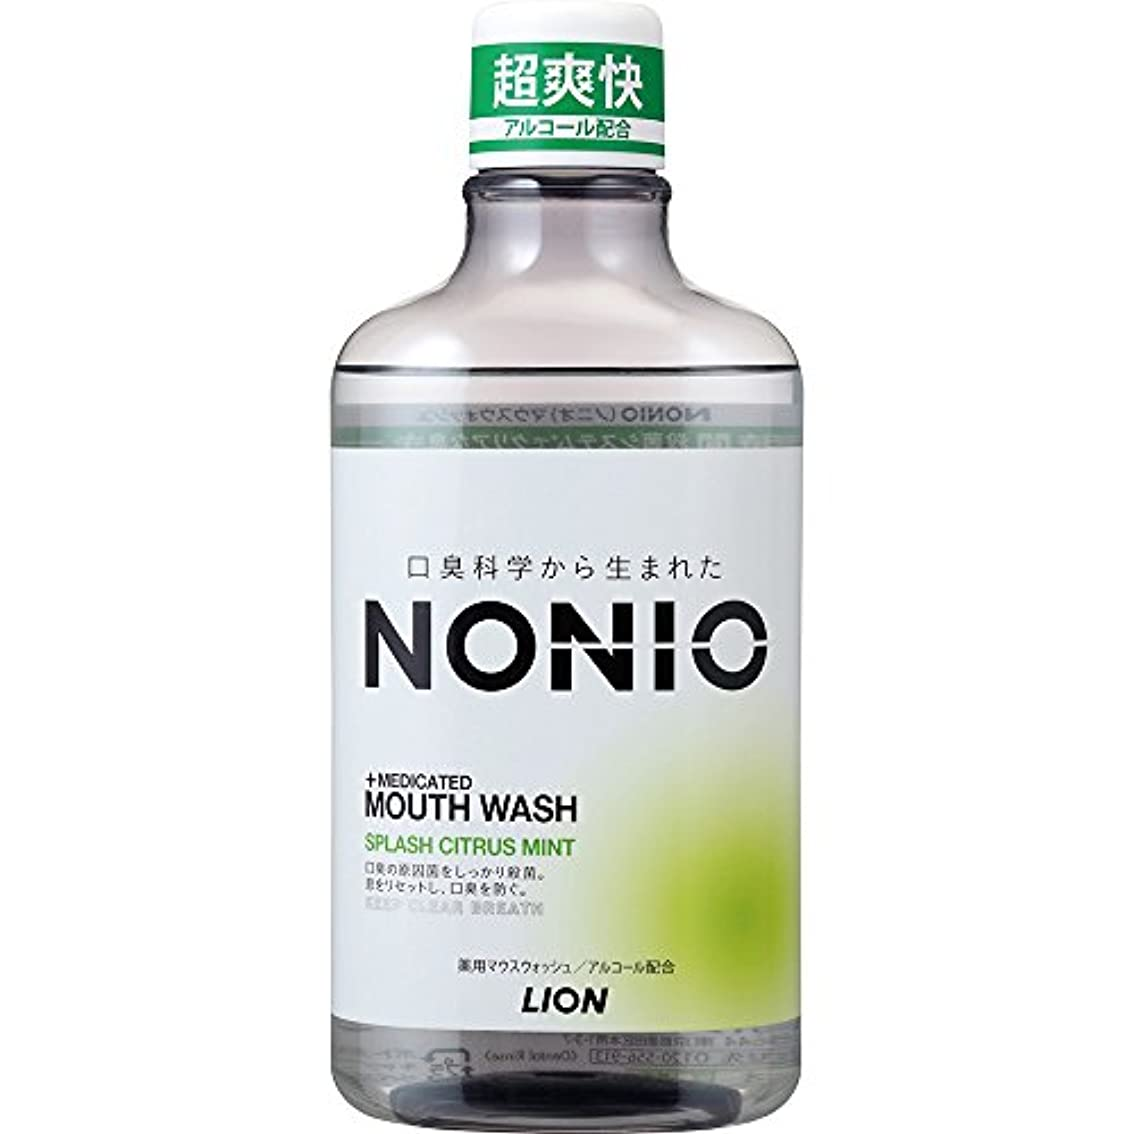 仮称ちらつきウッズ[医薬部外品]NONIO マウスウォッシュ スプラッシュシトラスミント 600ml 洗口液